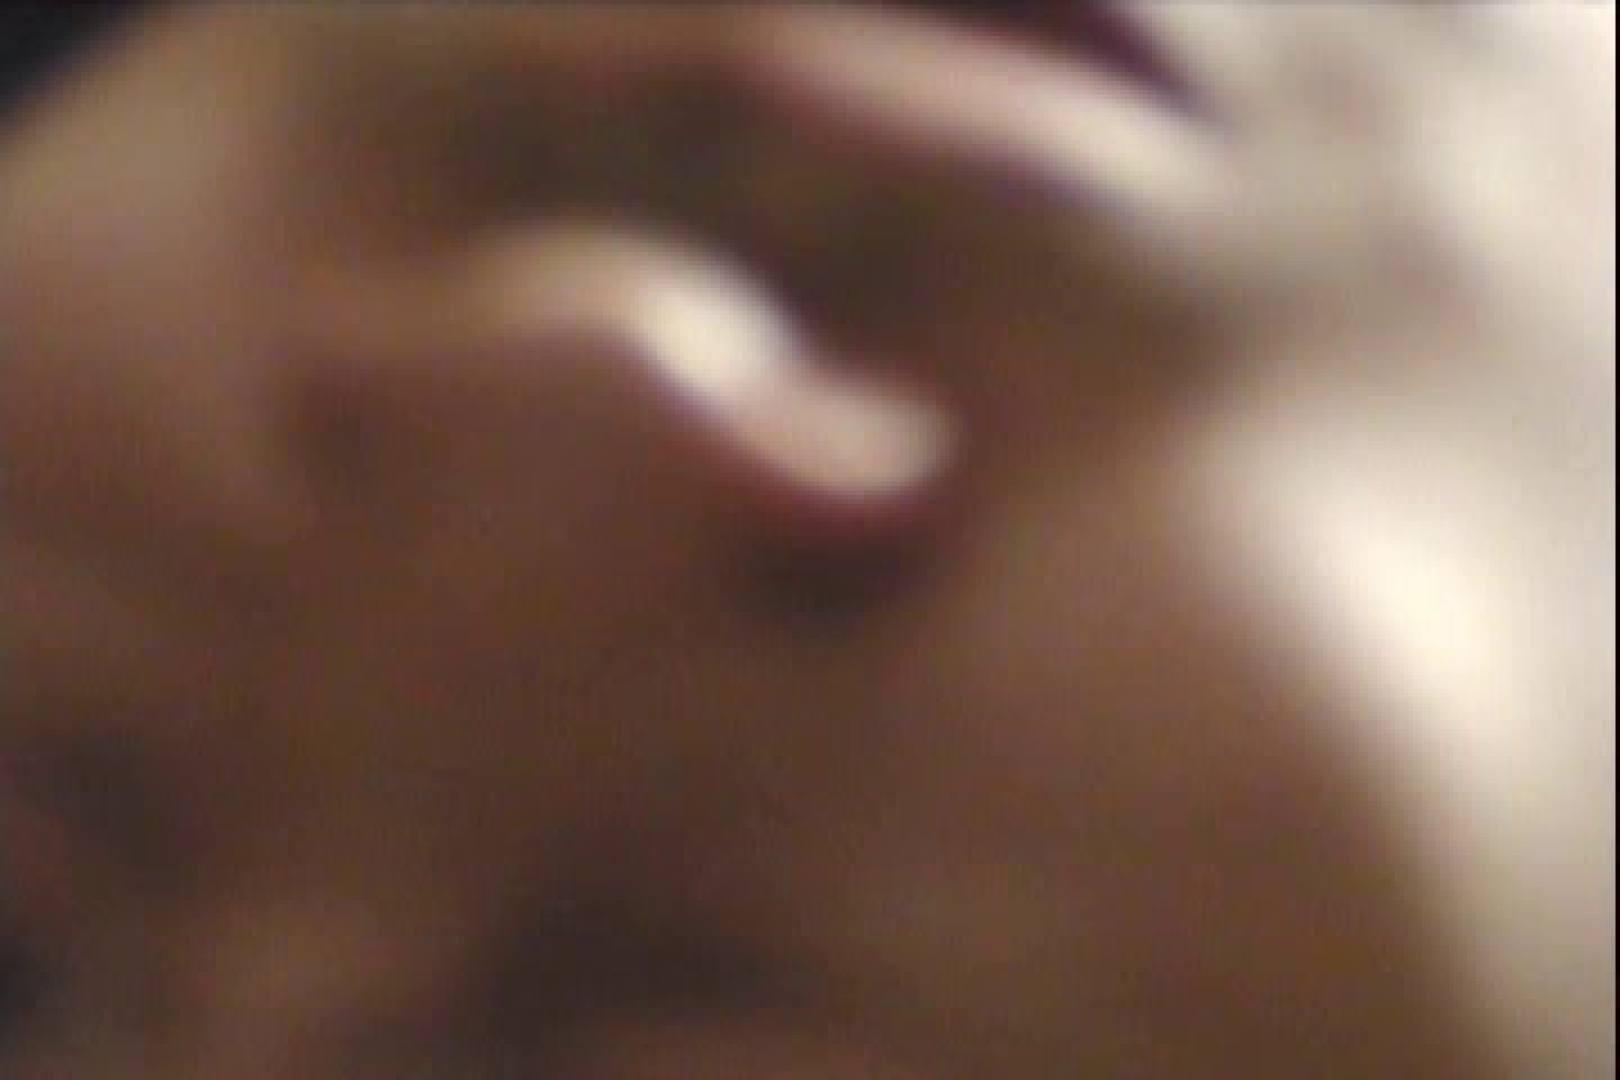 ガチムチリーマンFucker!!vol.02 マッサージ ゲイ無修正動画画像 72pic 71